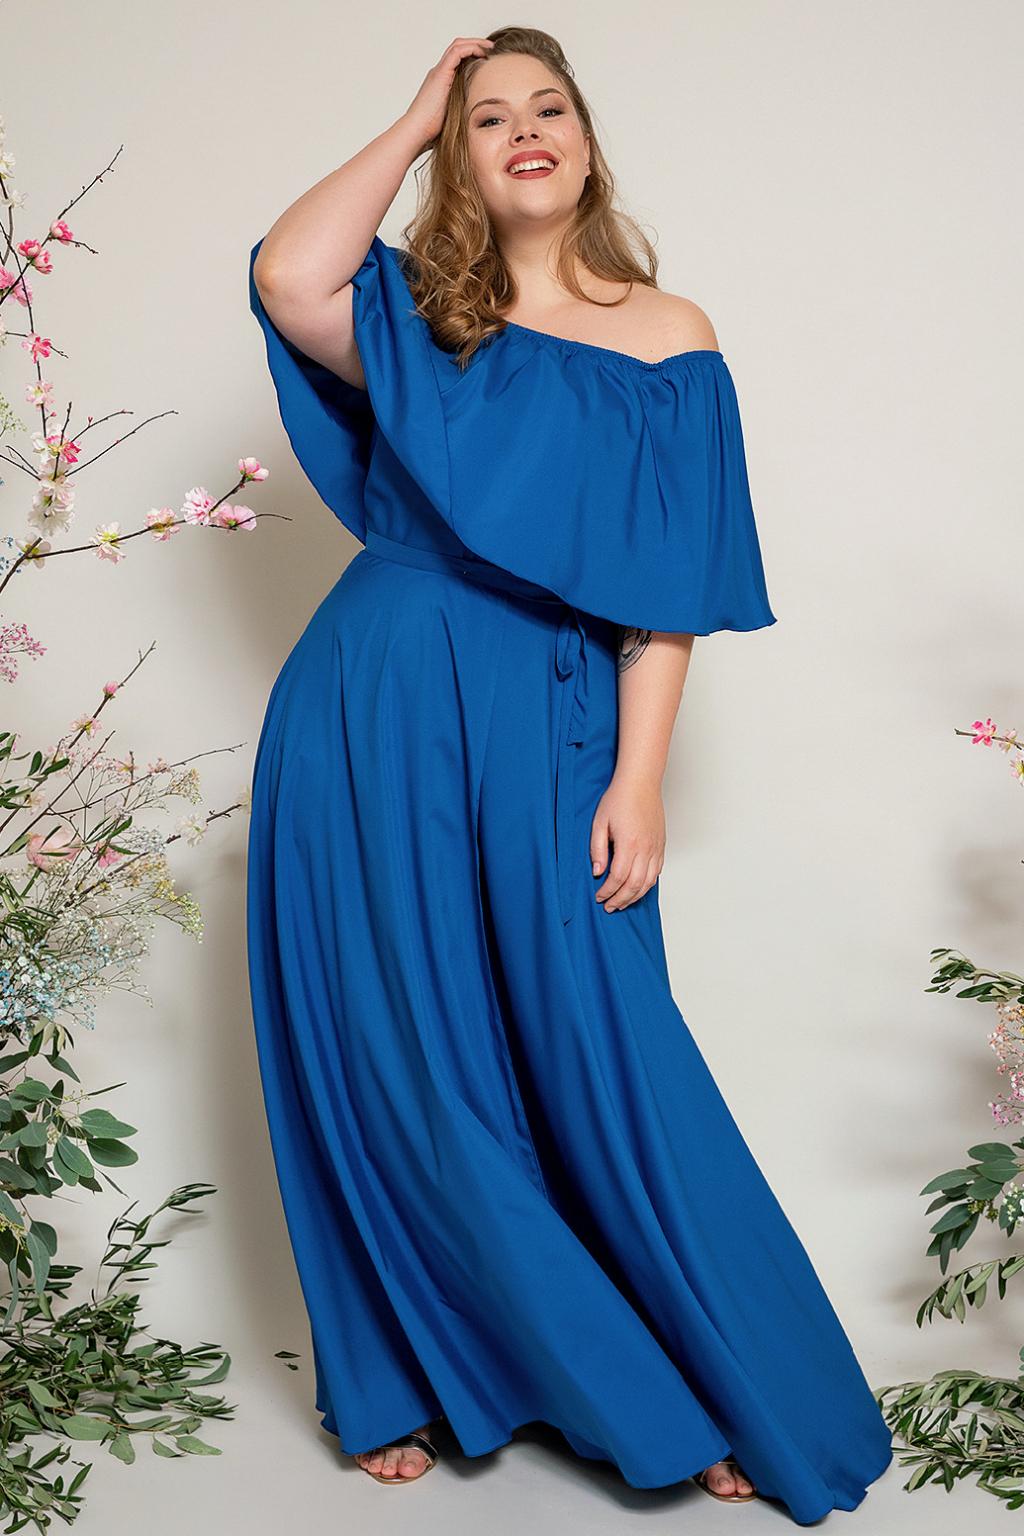 Dlouhá zavinovací sukně - výběr barev modré